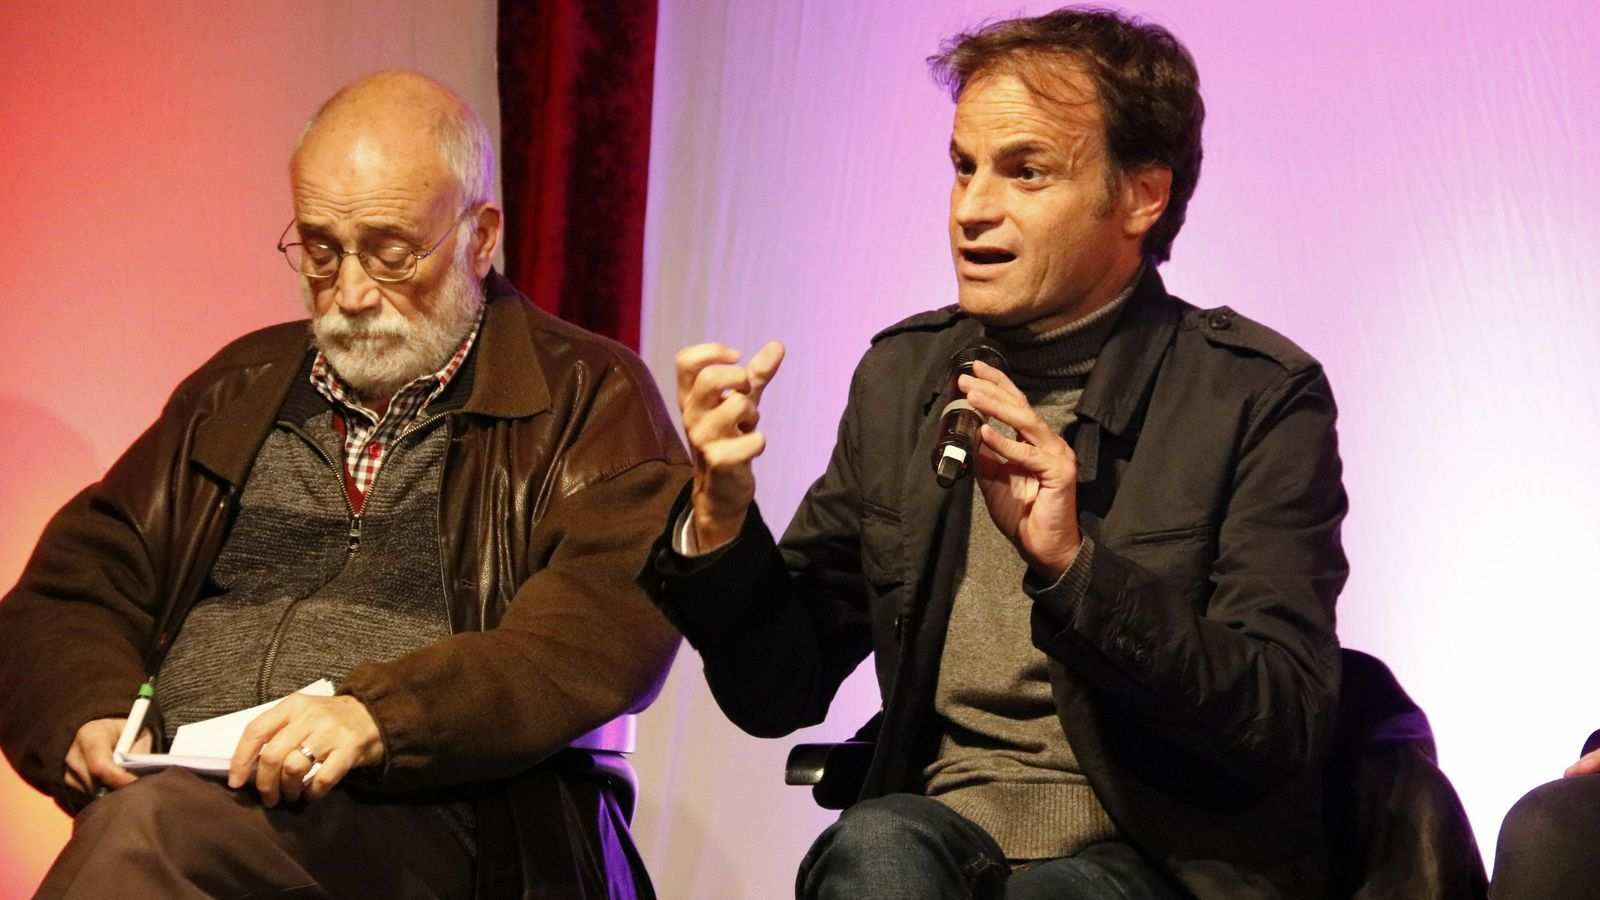 El candidat d'En Comú Podem, Jaume Asens, i l'activista Arcadi Oliveres en un acte al Teatreneu de Gràcia aquest divendres